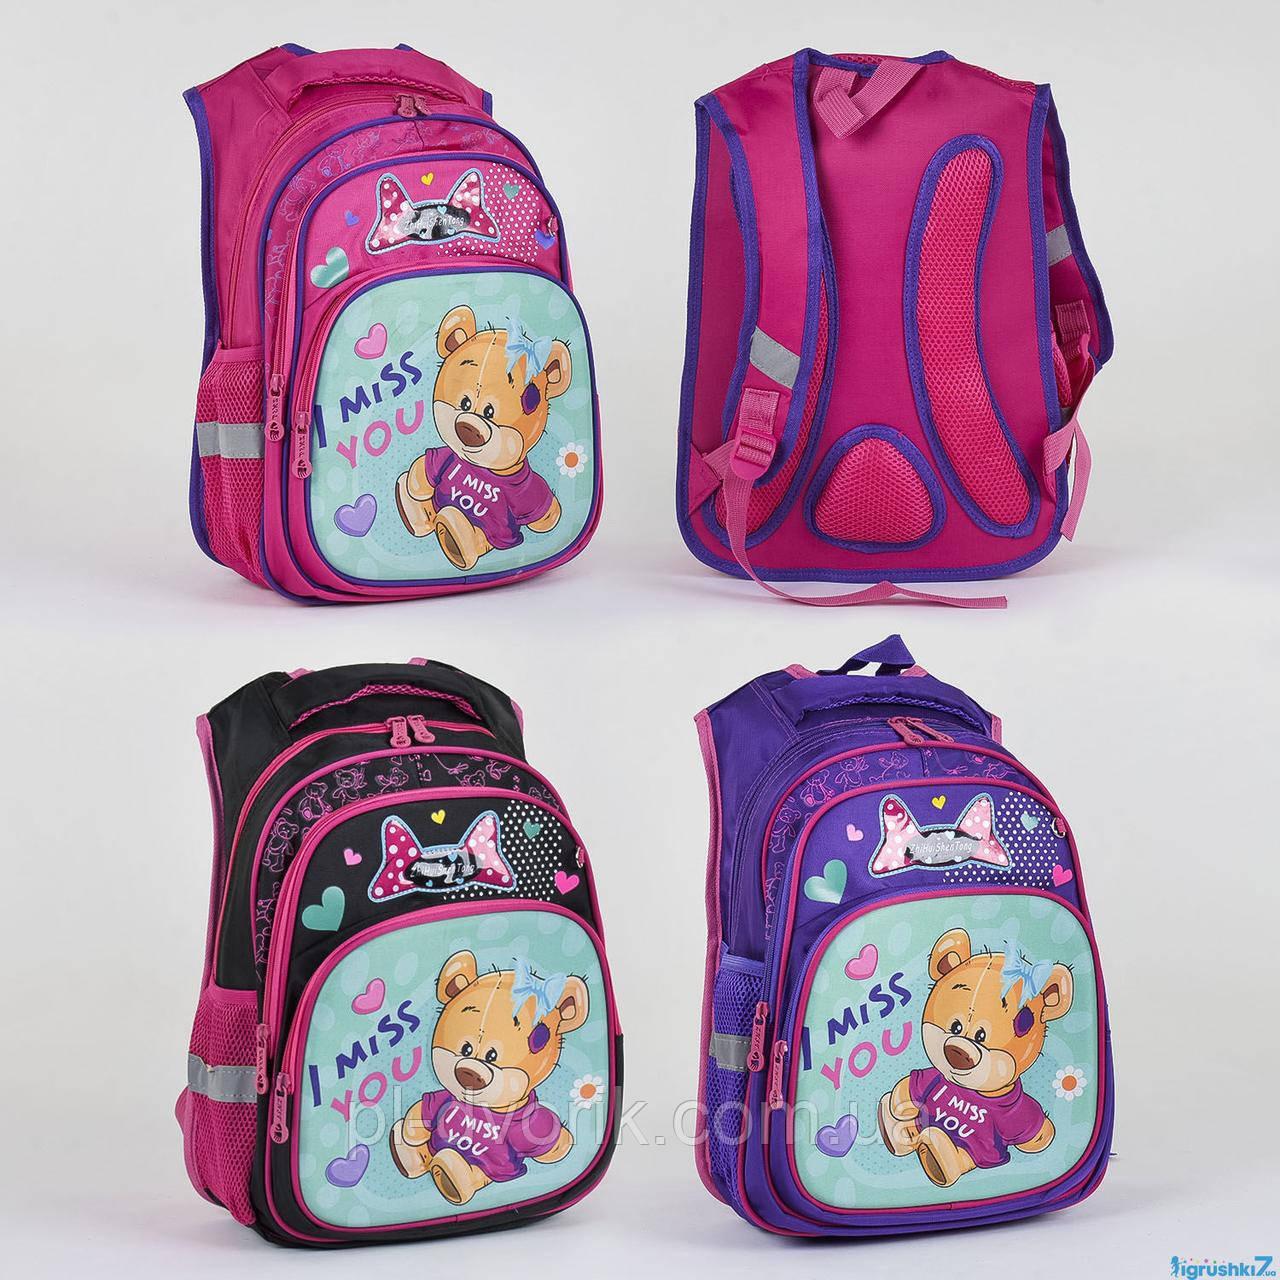 Рюкзак школьный С 36306 (36) 3 вида, 2 отделения, 3 кармана, ортопедическая спинка, 3D принт  Размер упаковки: